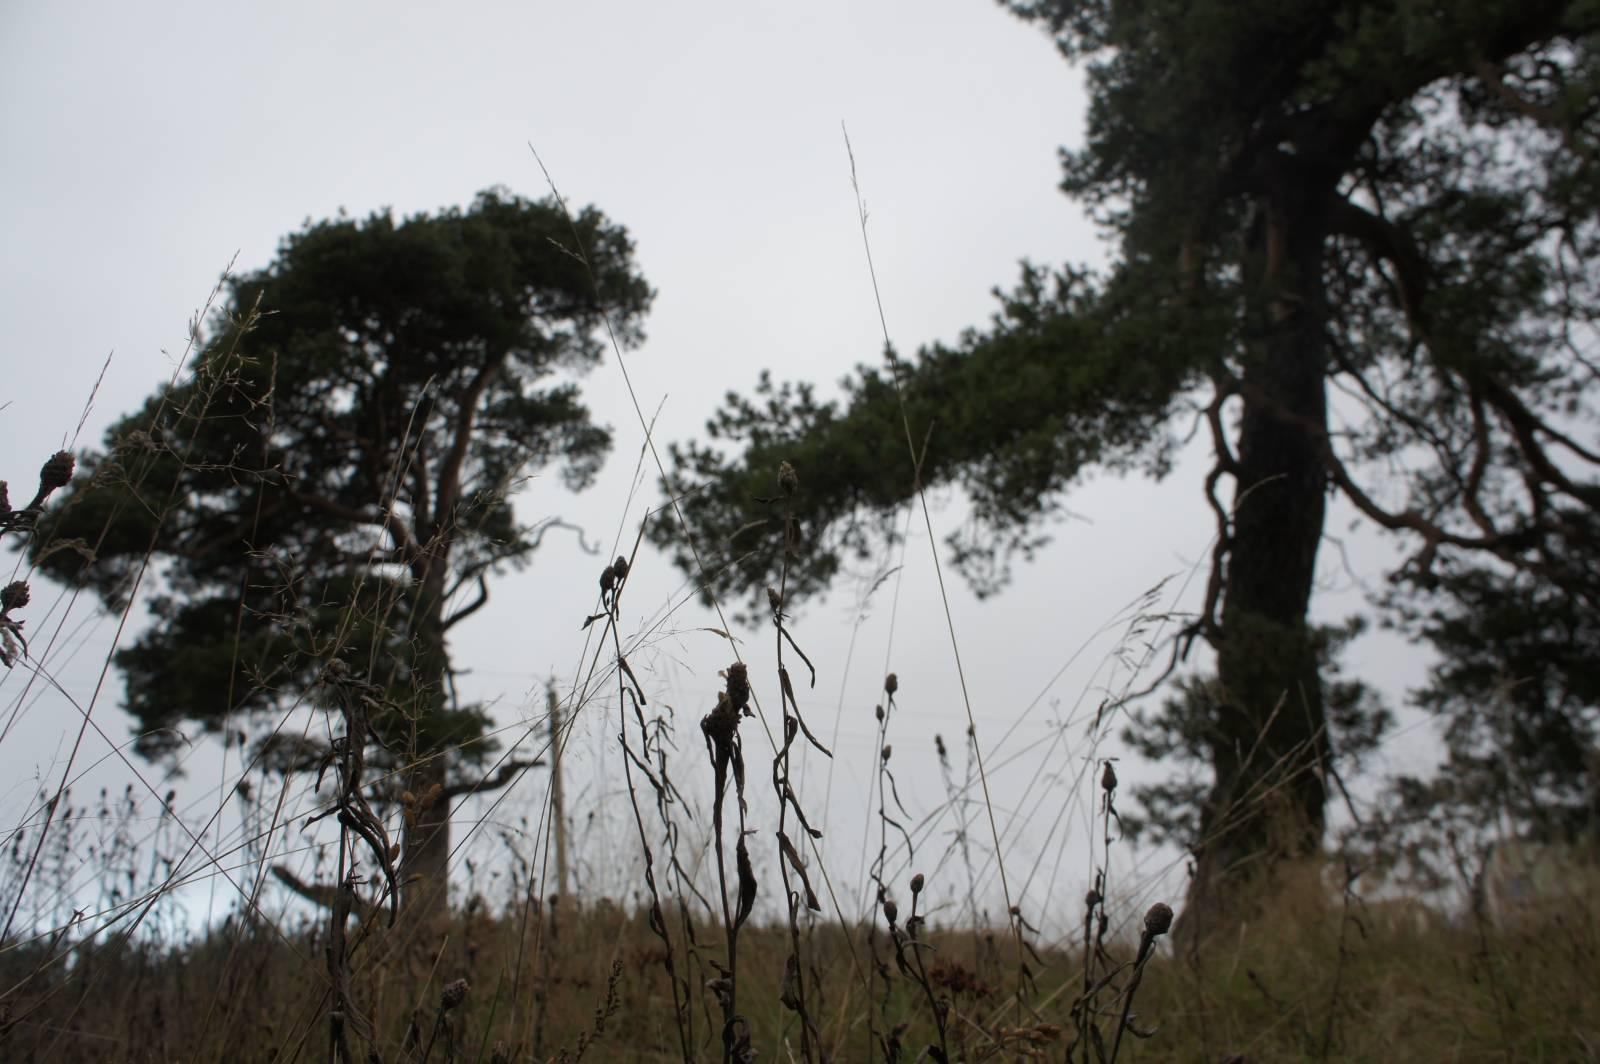 Pyhäpuut